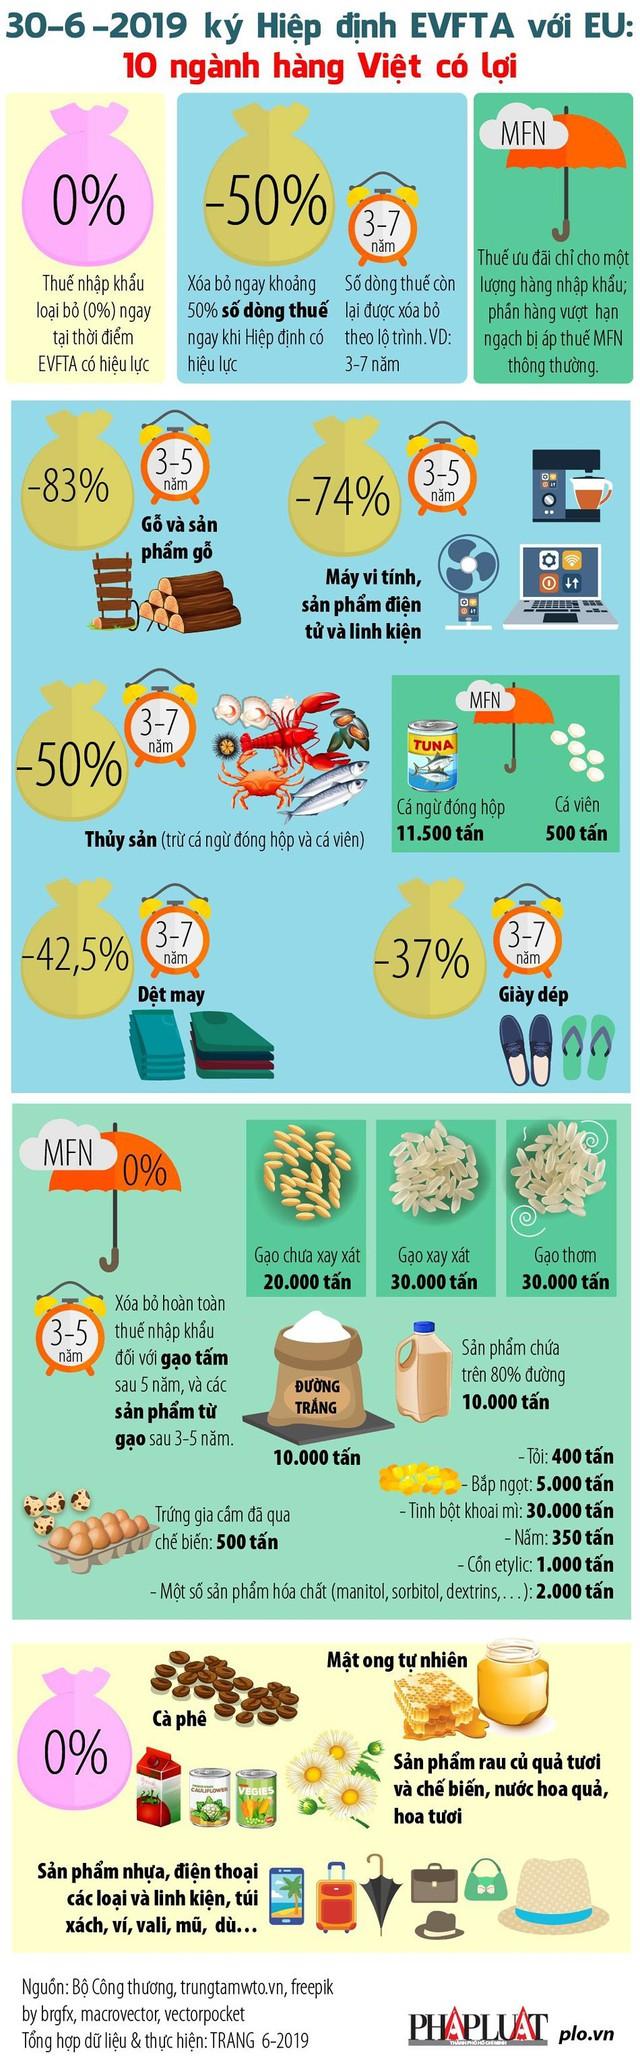 Những mặt hàng Việt có lợi nhất khi EU miễn thuế - Ảnh 1.